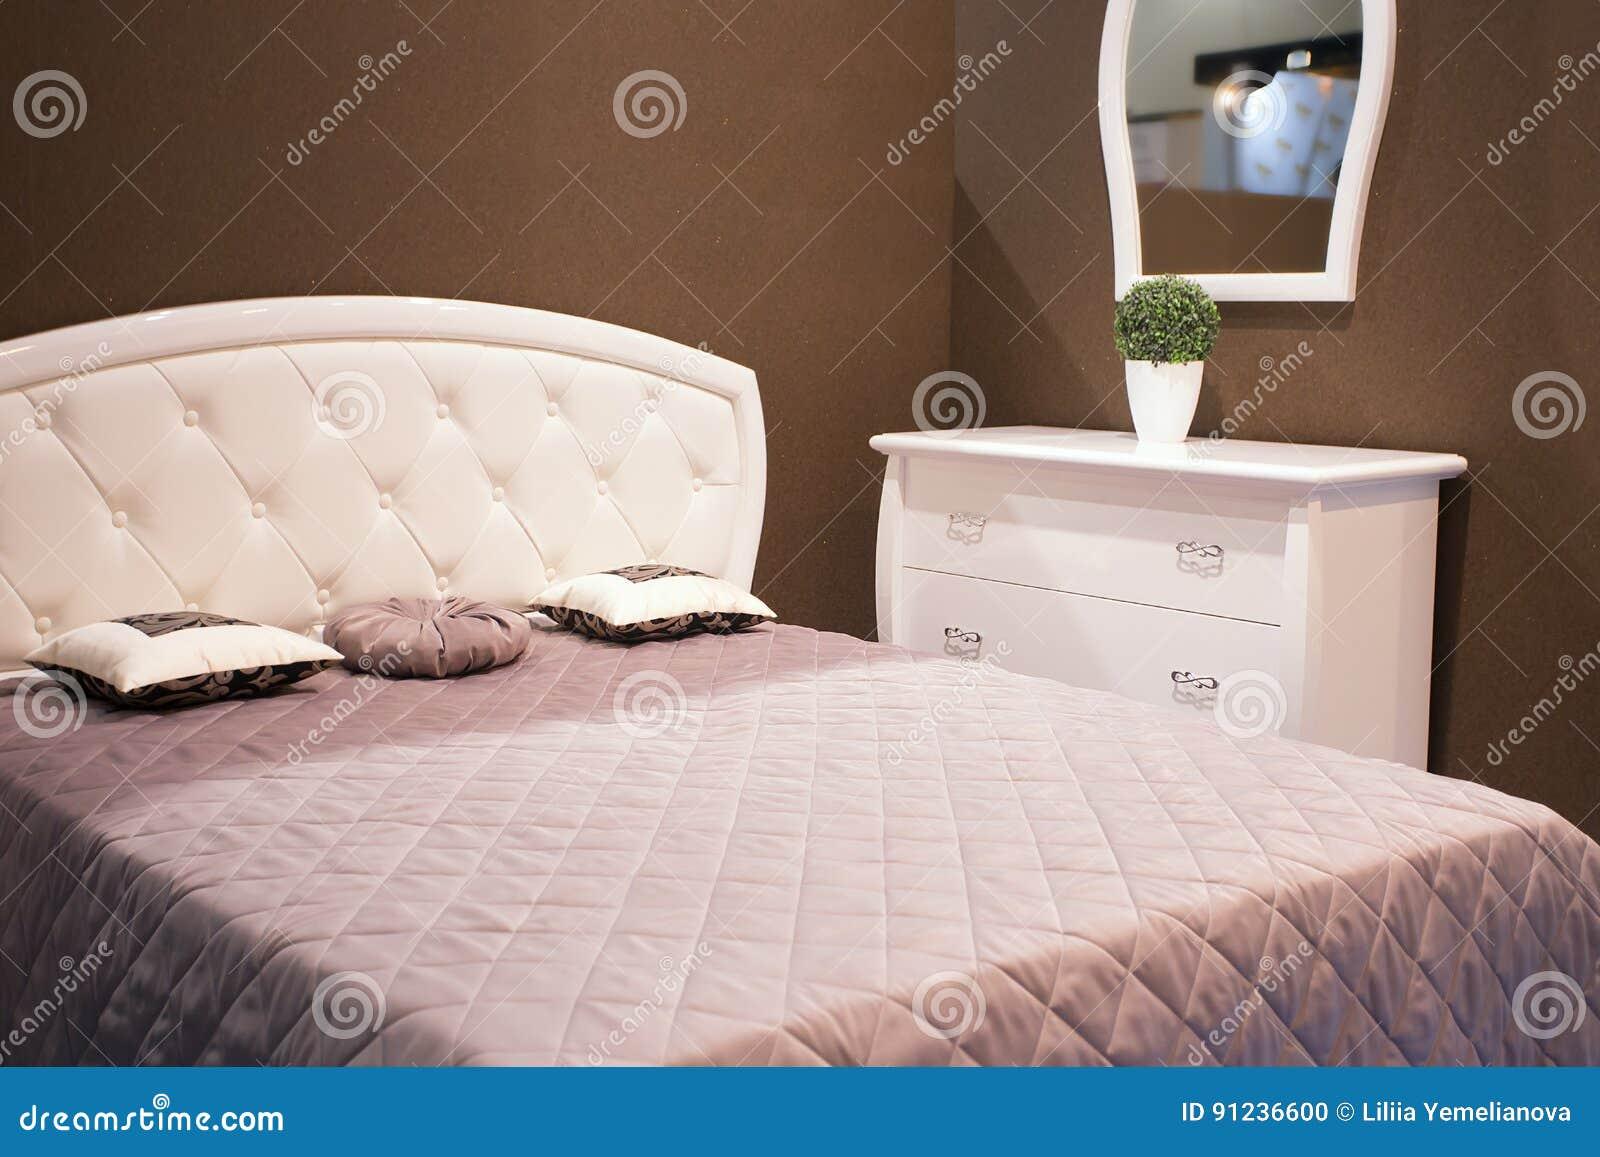 vertrouwelijke donkere slaapkamer met elektrisch licht